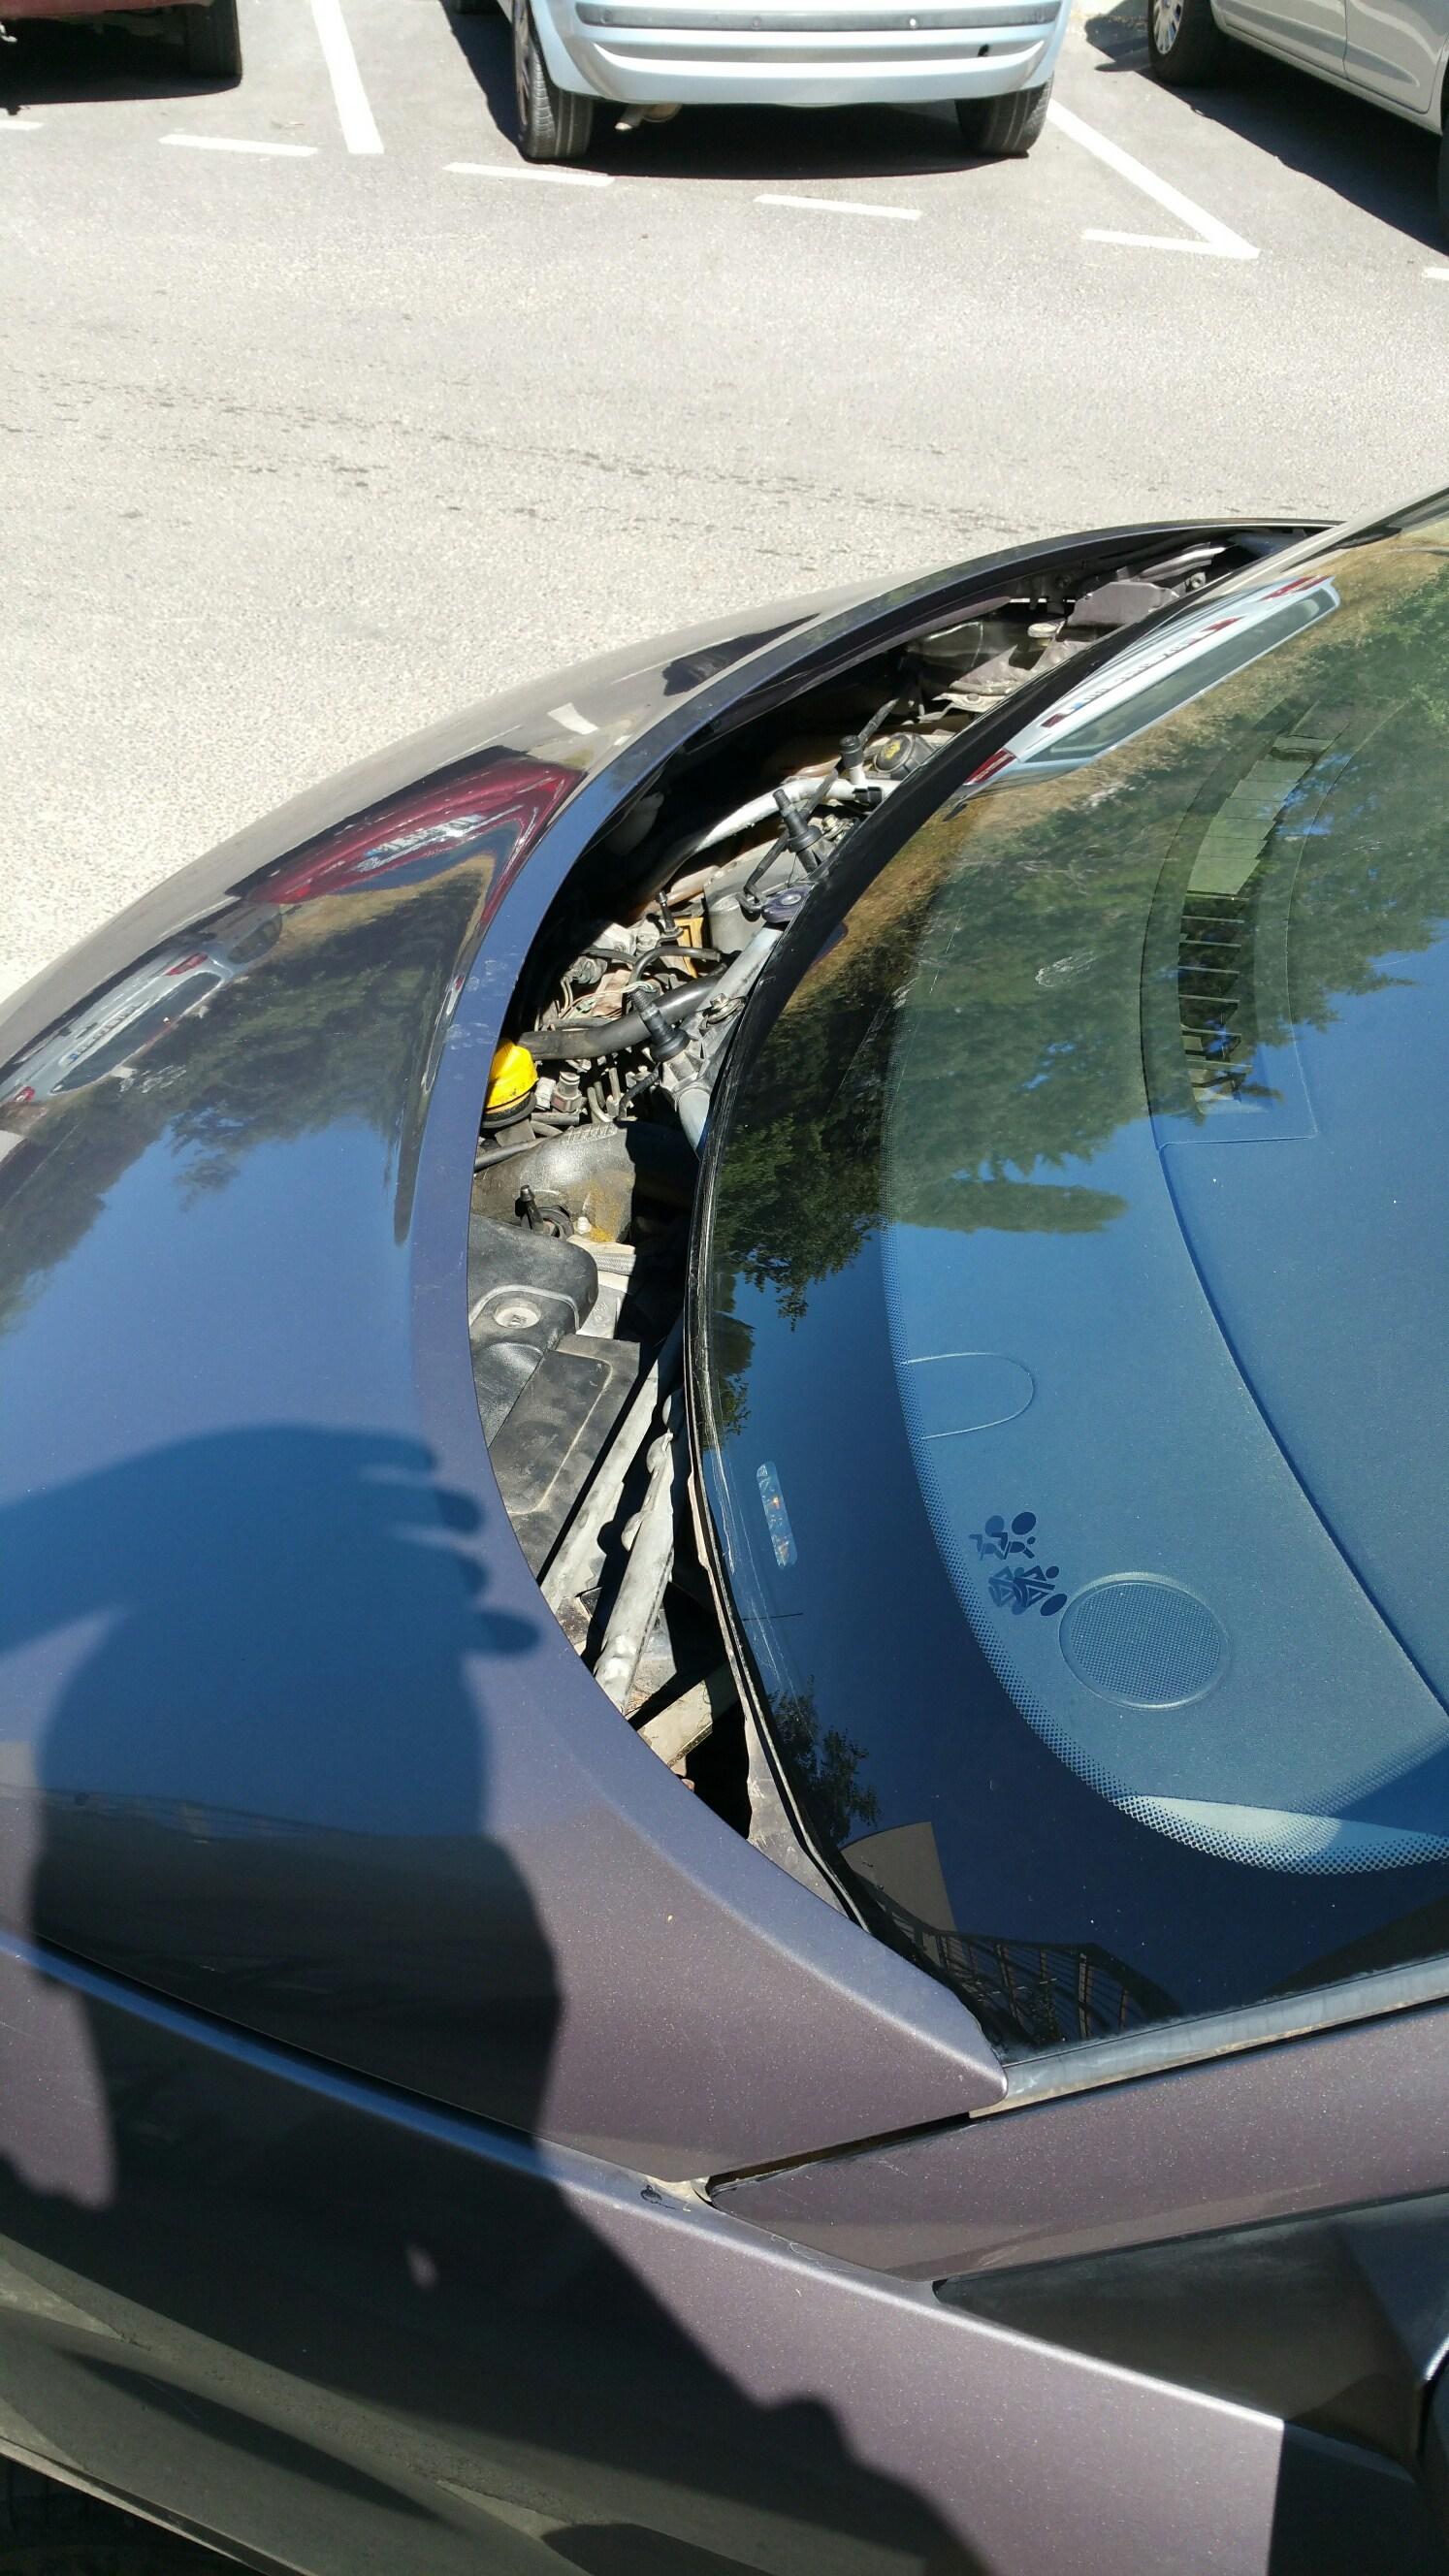 perte de puissance sous 3000 tr min renault scenic 2 diesel auto evasion forum auto. Black Bedroom Furniture Sets. Home Design Ideas